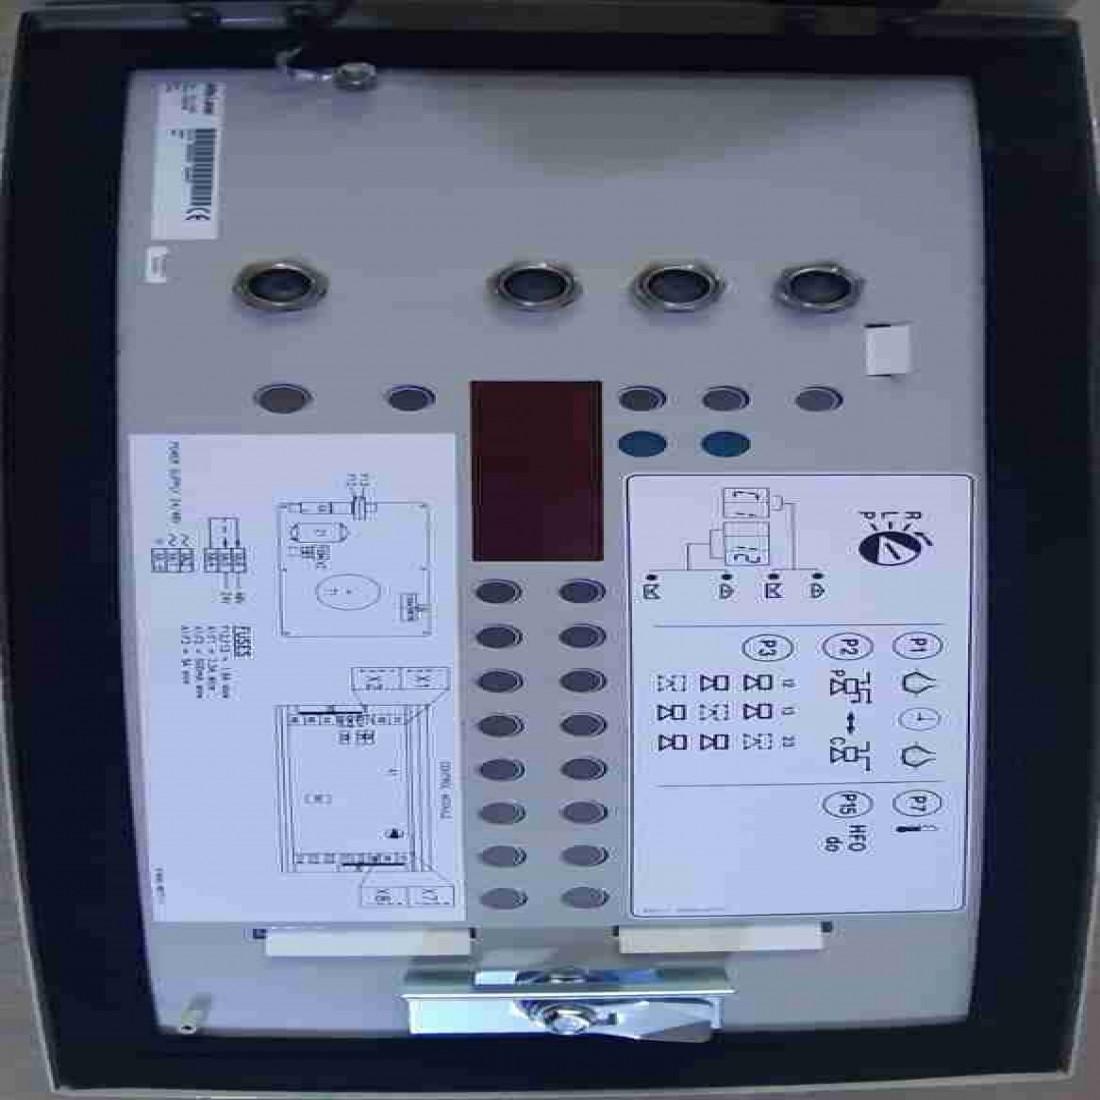 فروش کنترلر مودول الفا لول